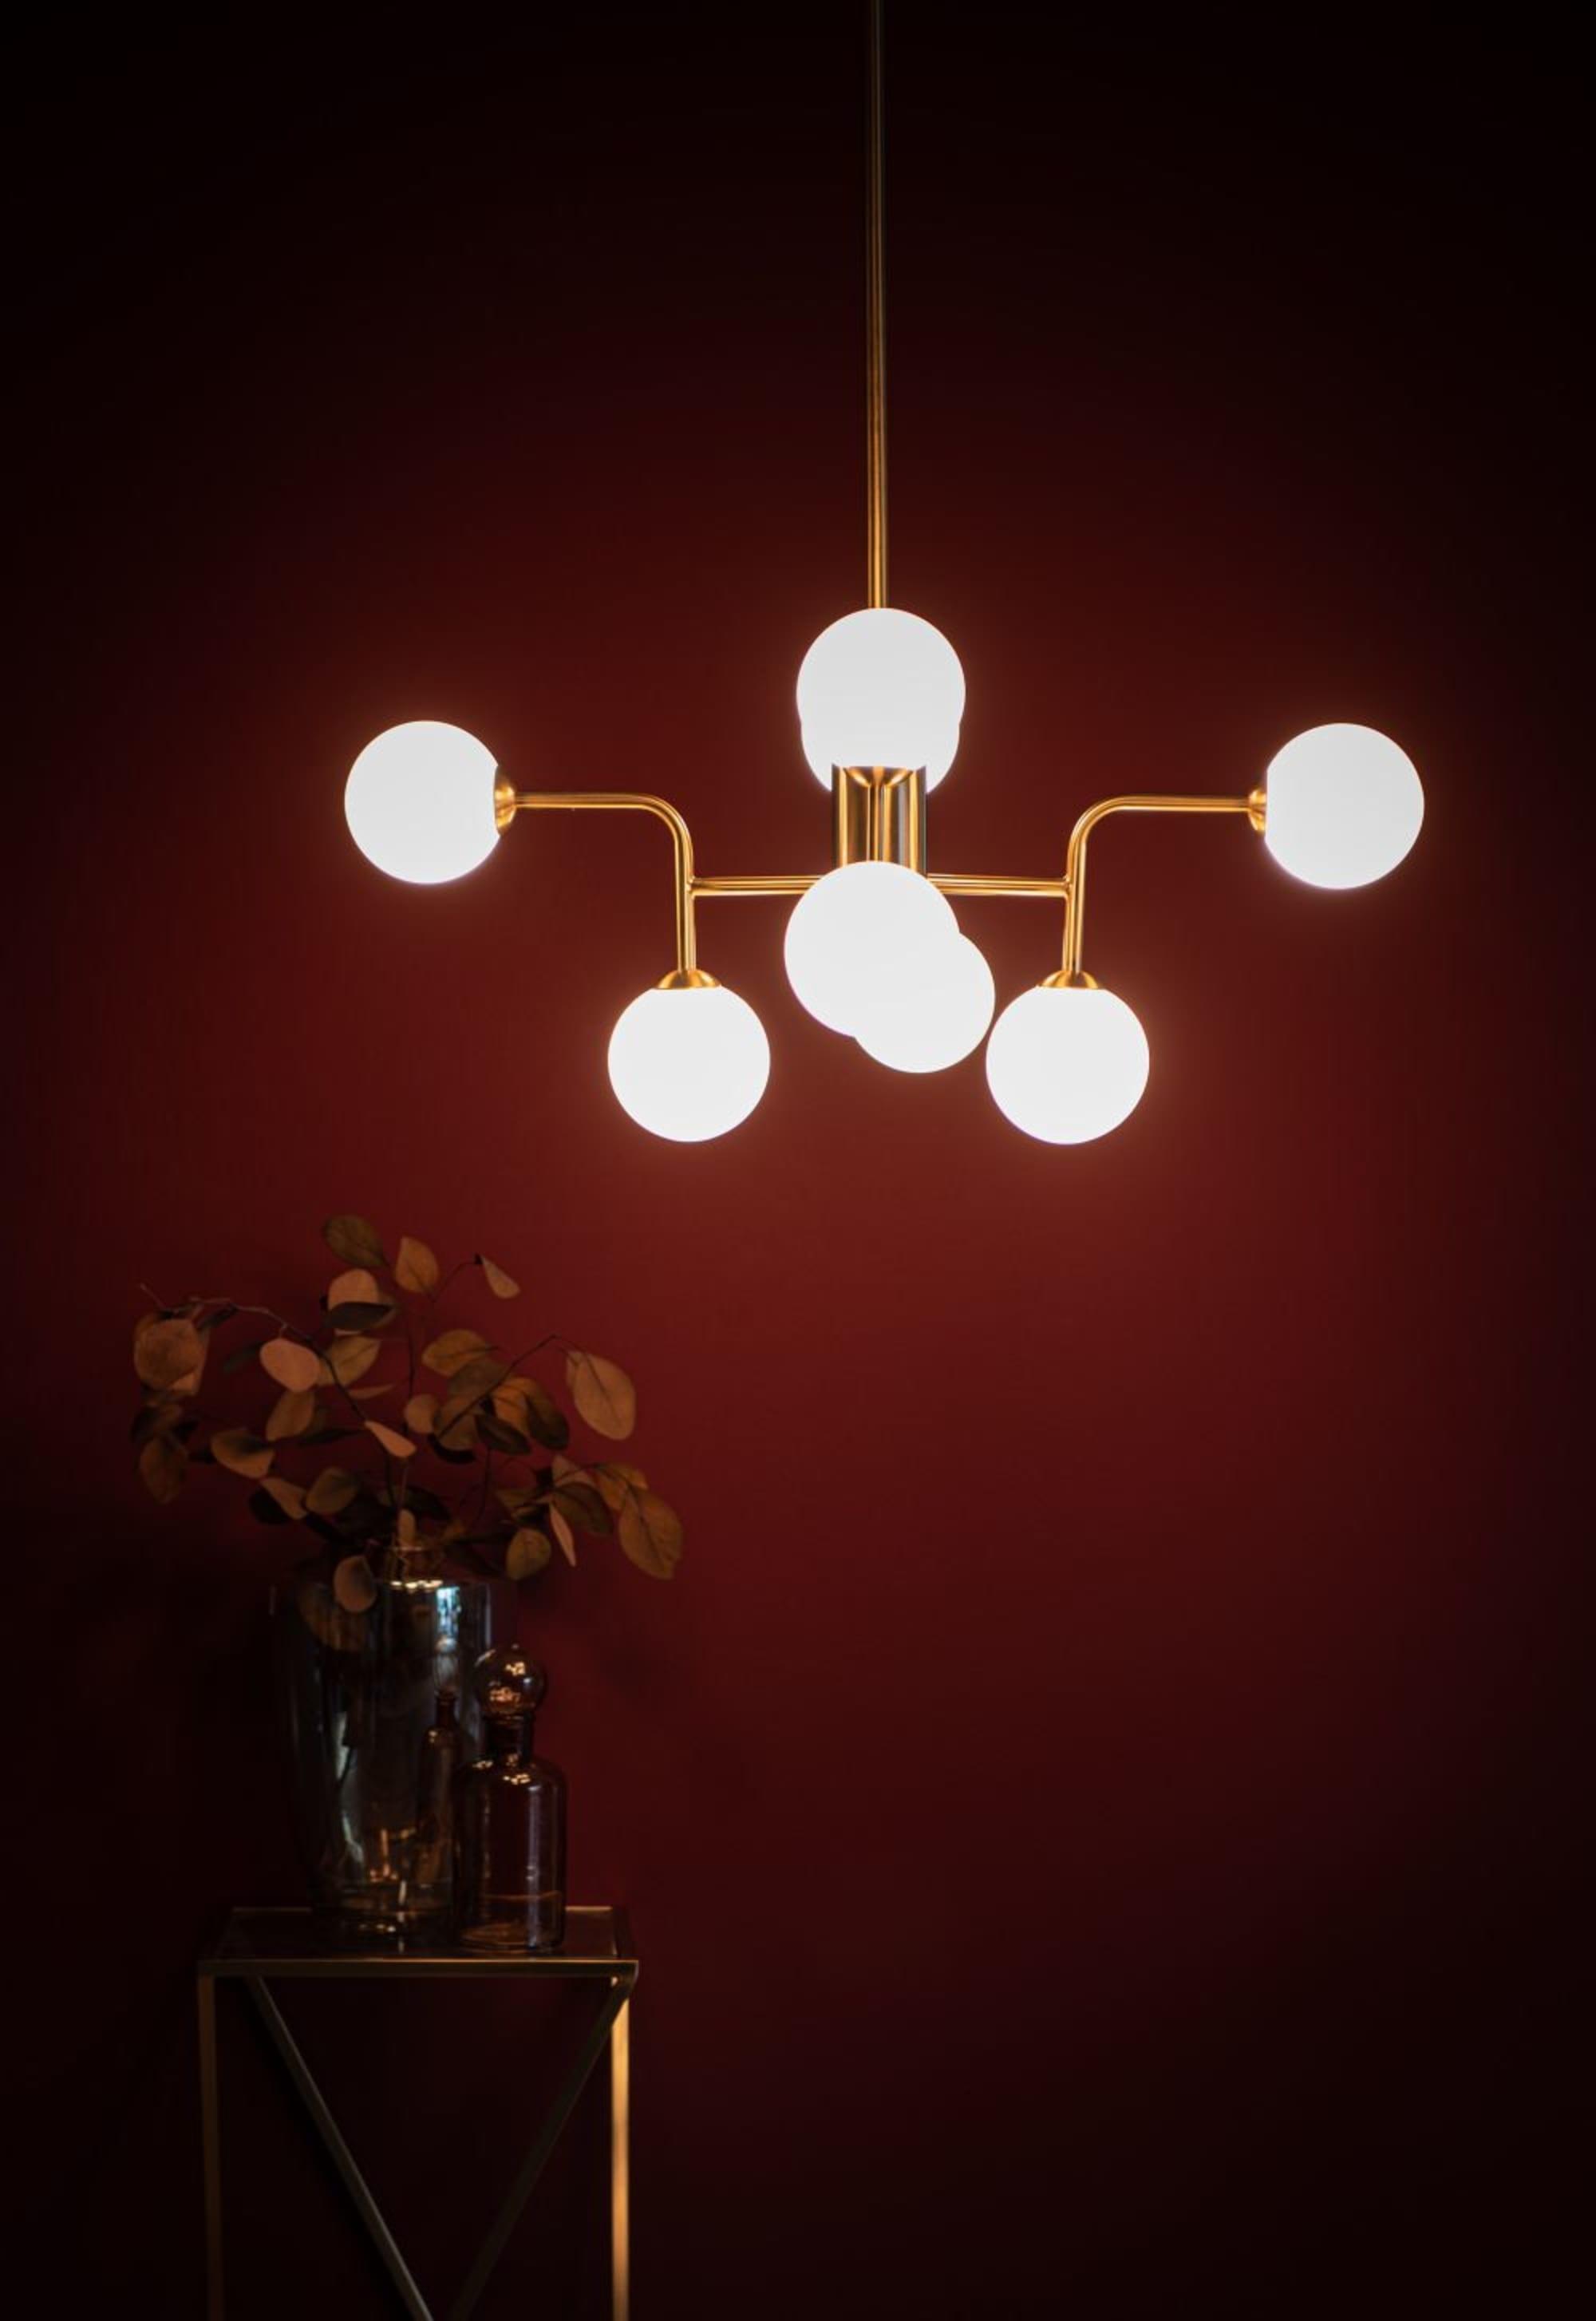 Lámpara de techo de metal dorado con 8 bolas de cristal blanco